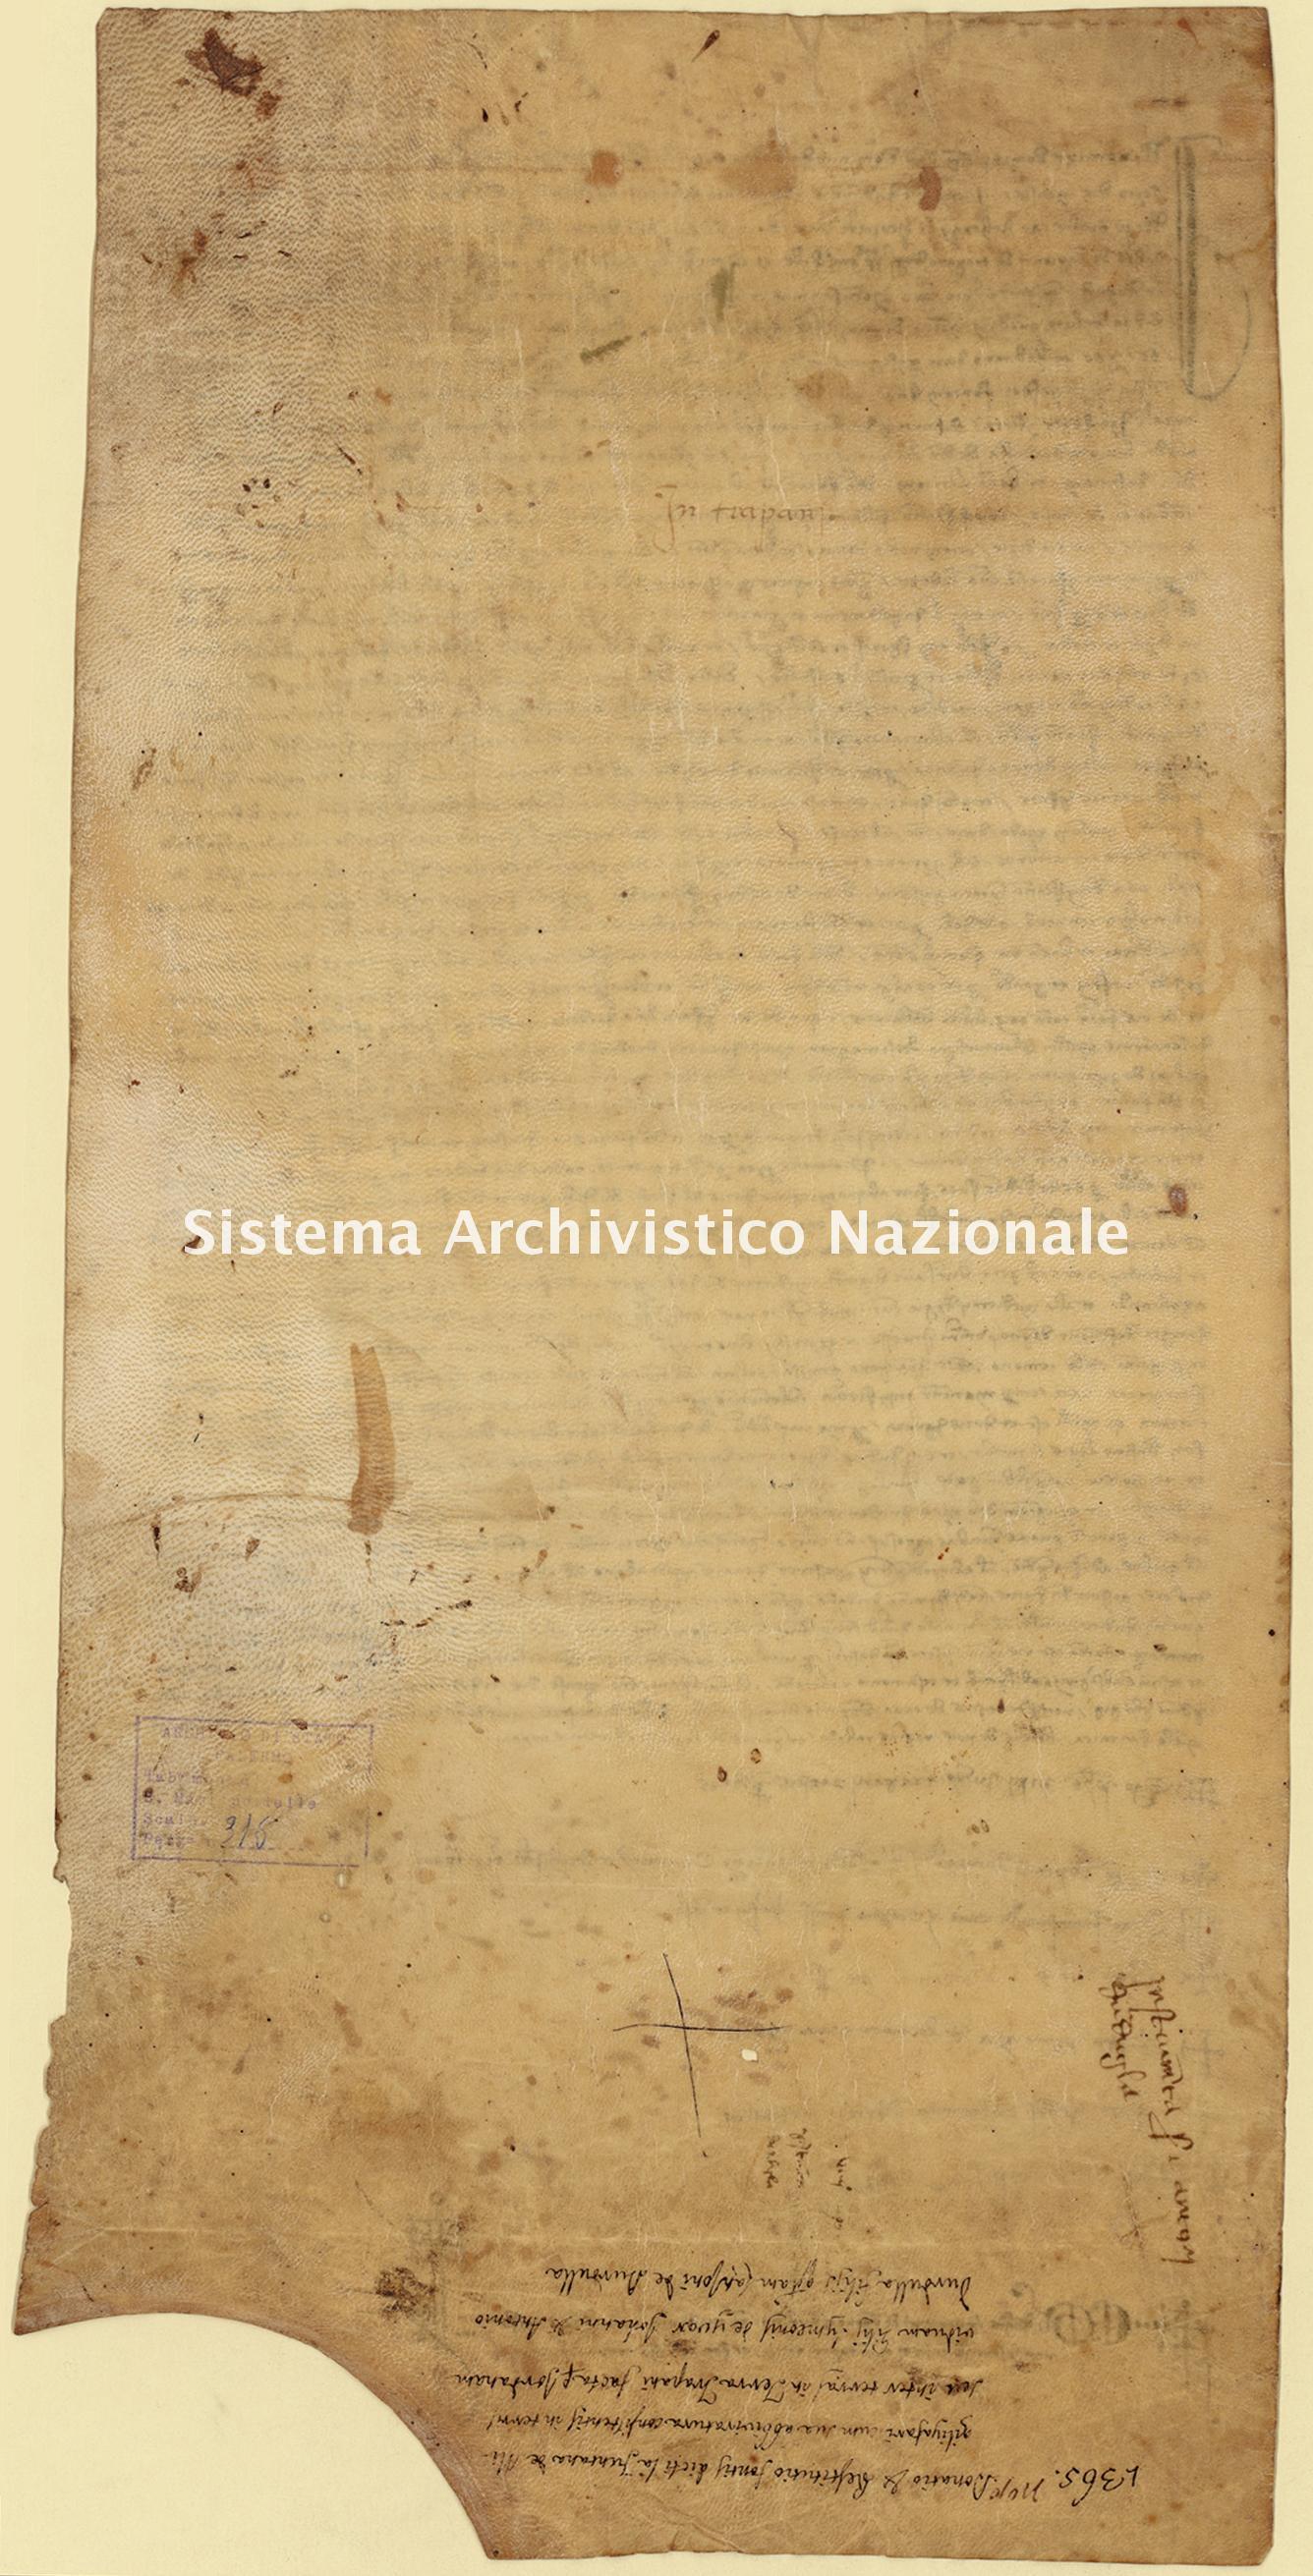 Archivio di Stato di Palermo, Diplomatico, Tabulario del monastero di San Martino delle Scale, Pergamena TSMS 0316